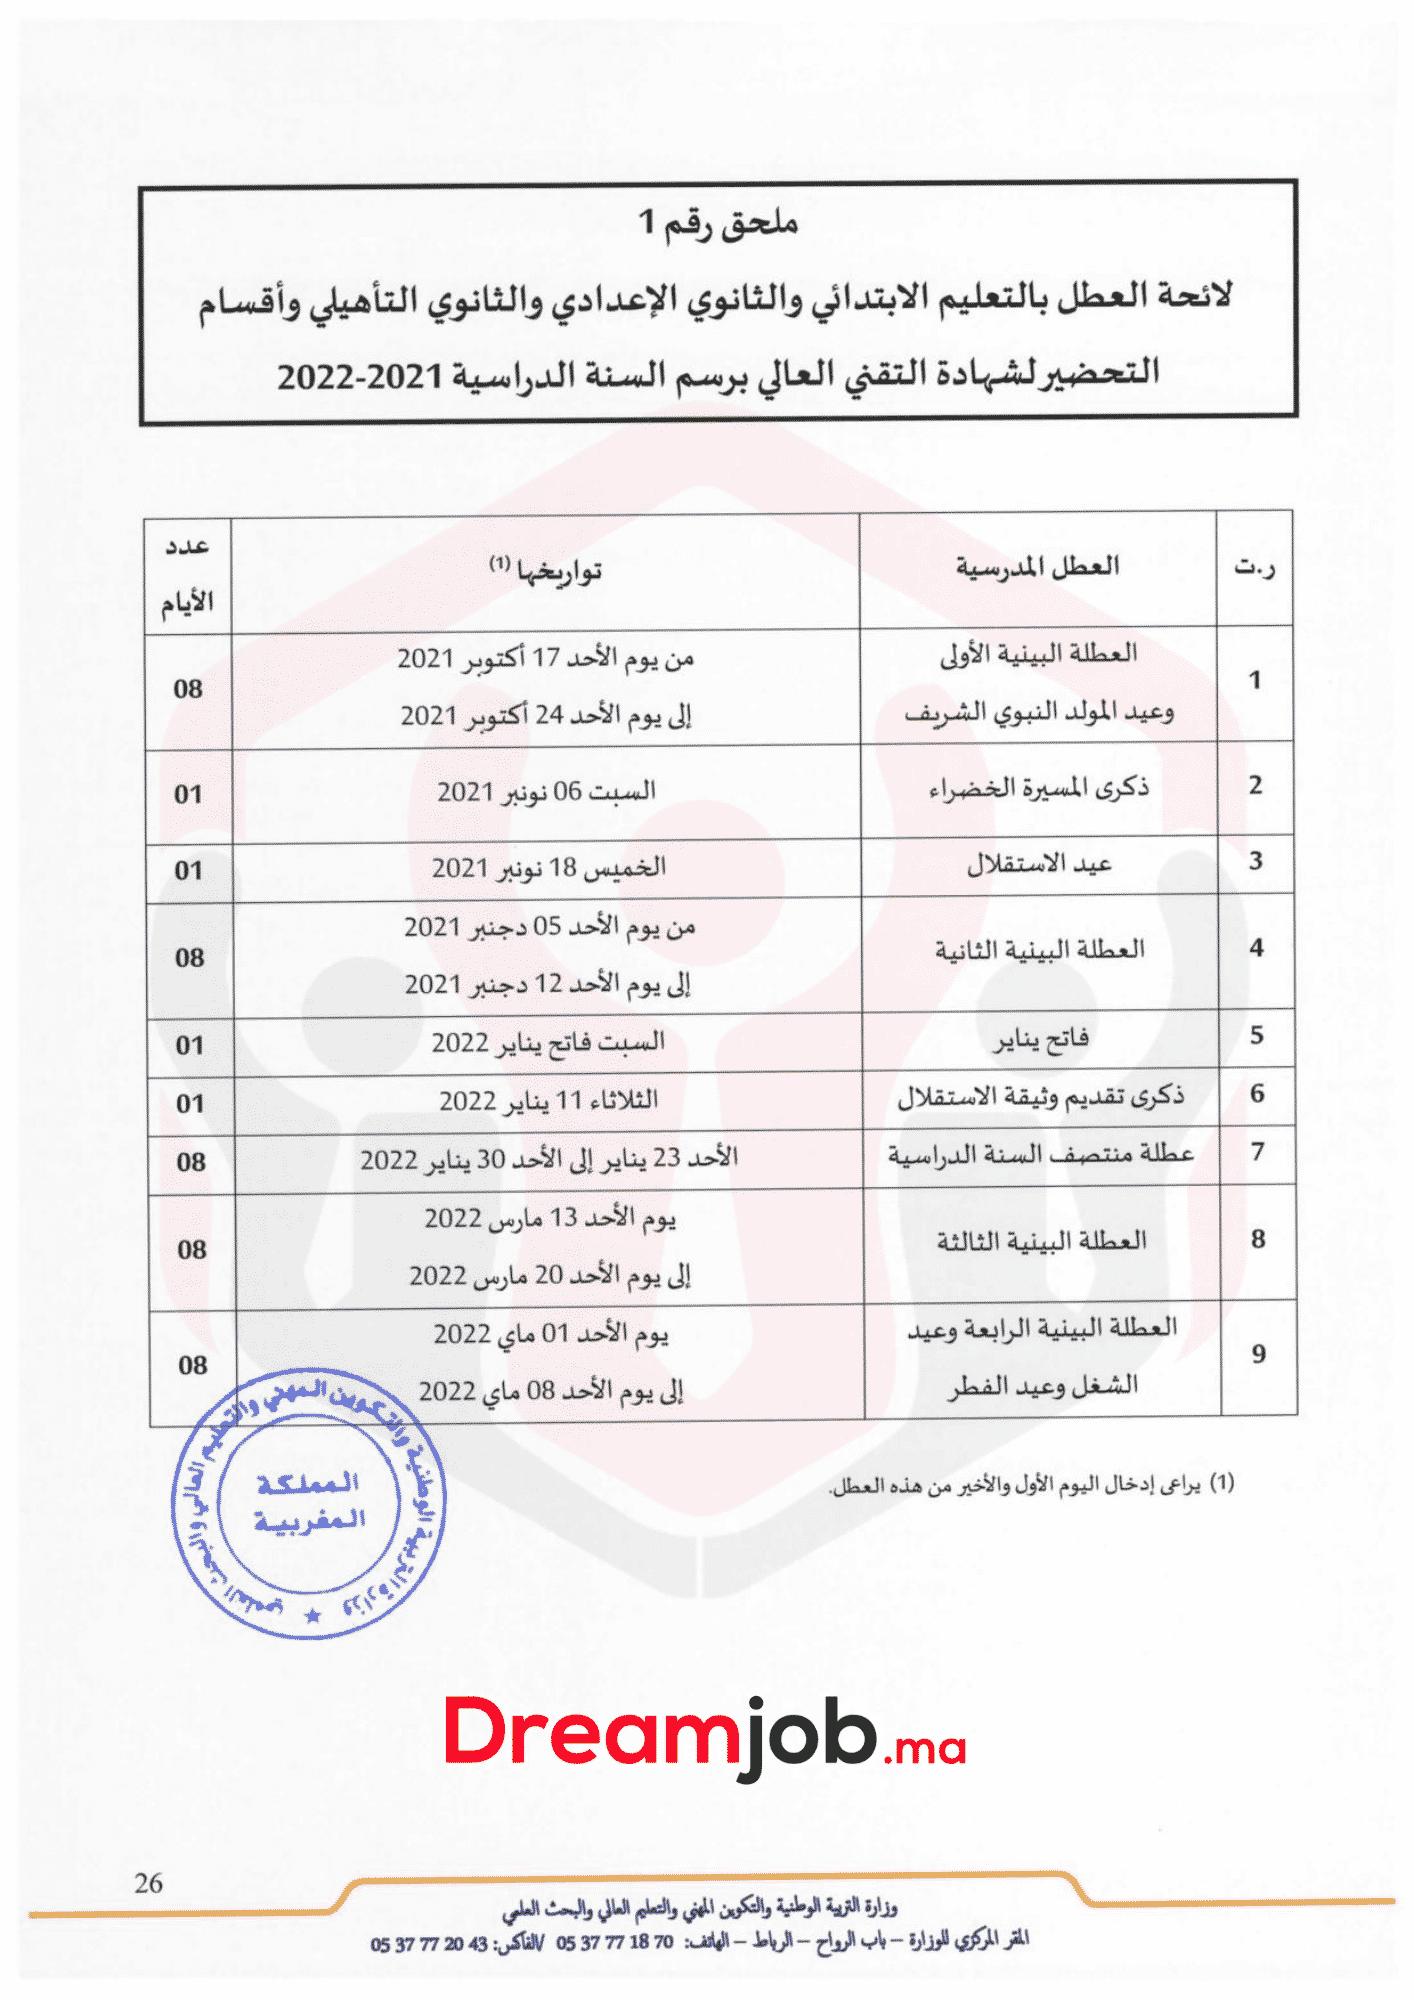 لائحة العطل المدرسية بالمغرب 2022/2021